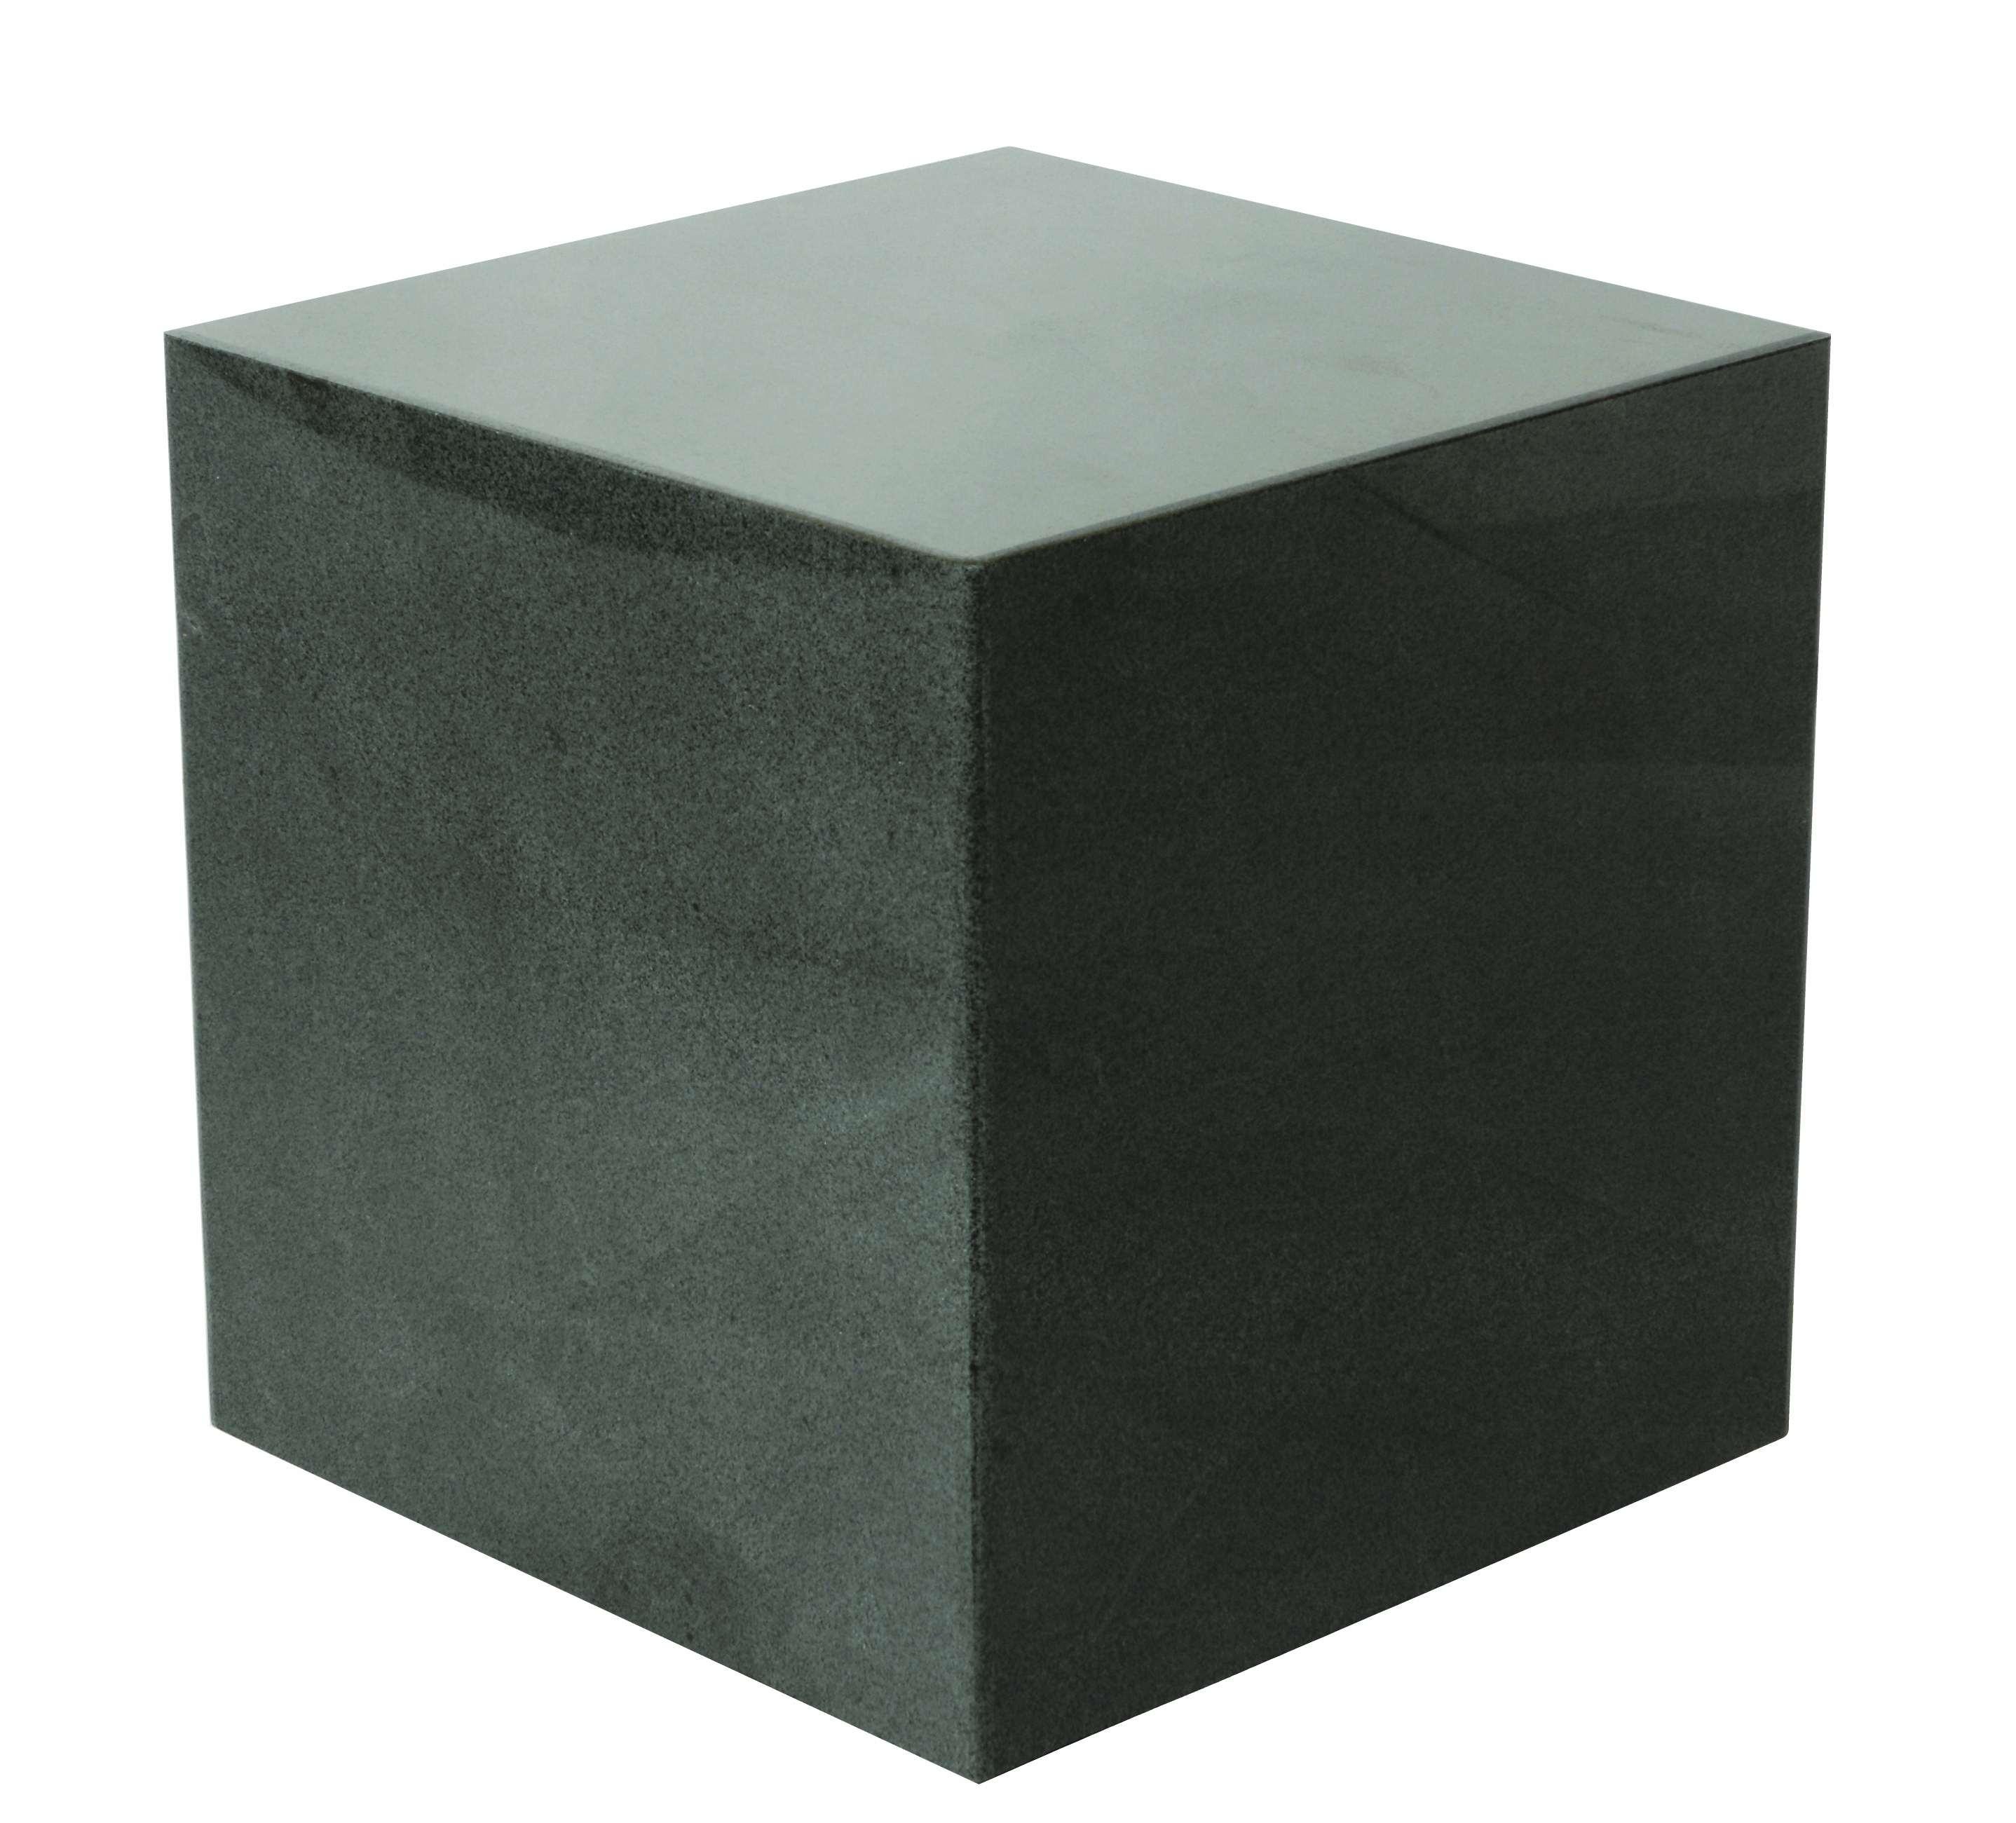 Simple 550 cube bollard | Marshalls